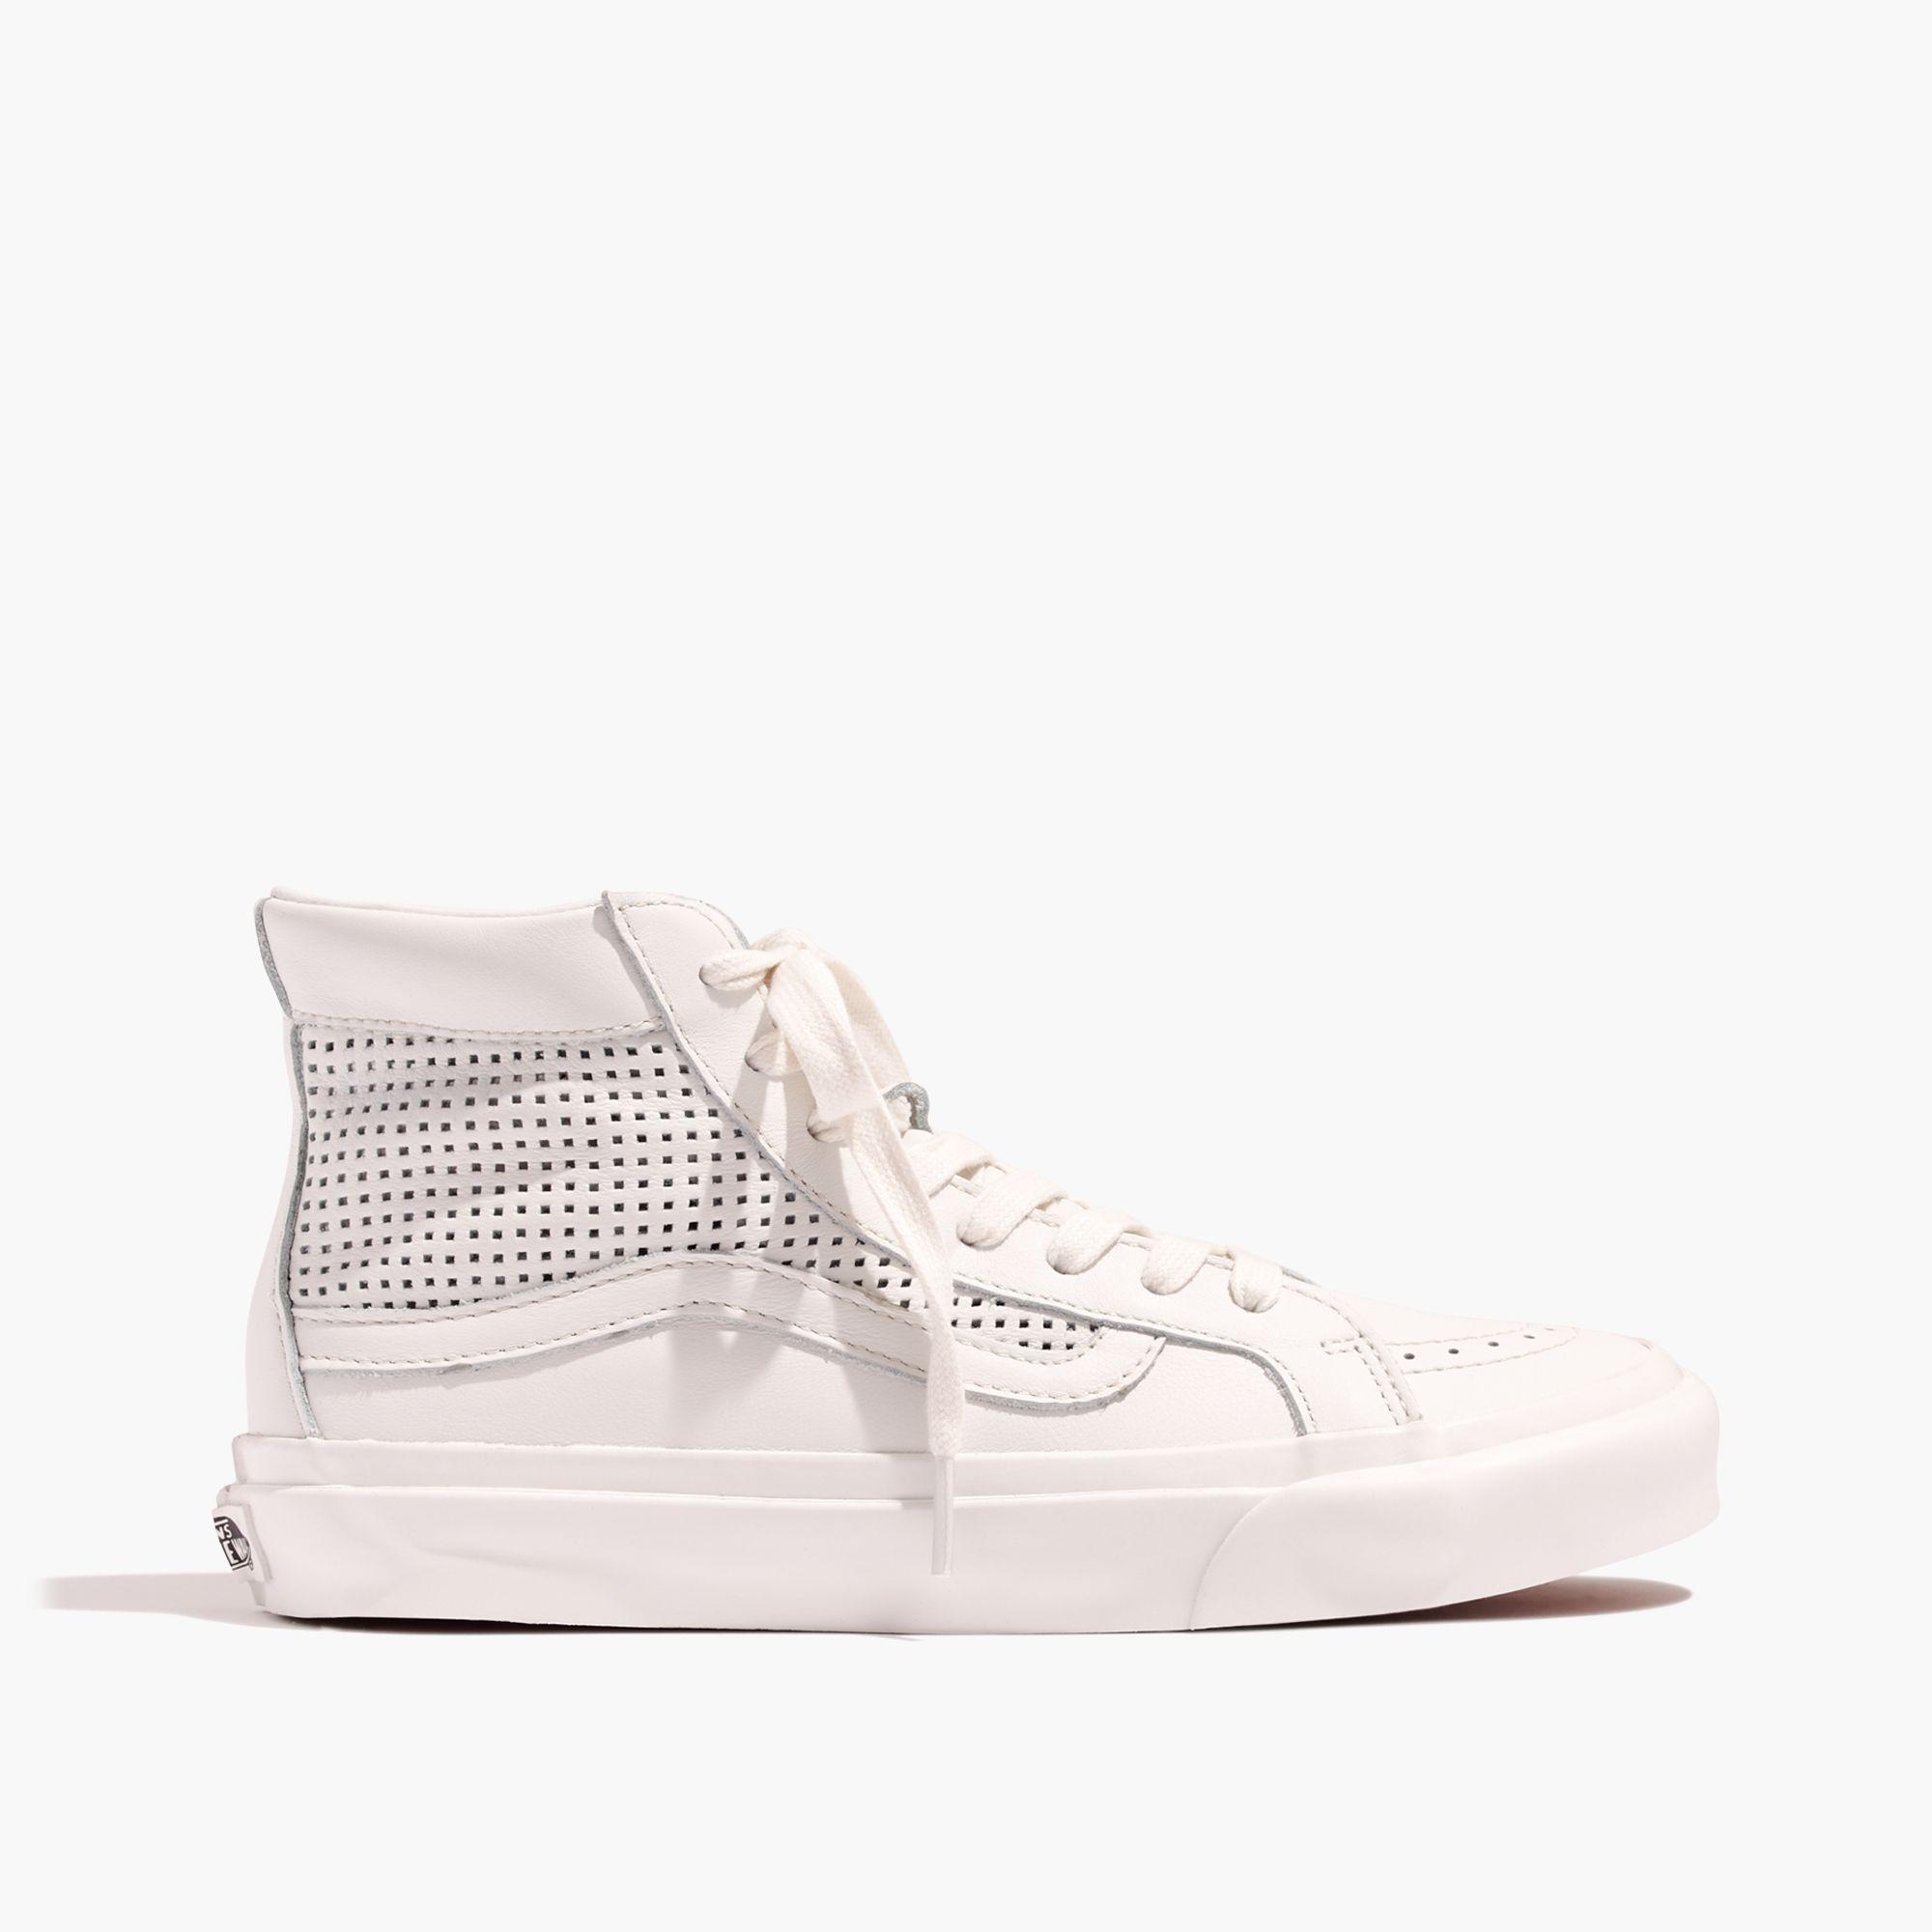 Lyst - Madewell Vans® Unisex Sk8-hi Slim High-top Sneakers In ... 2d16db63c